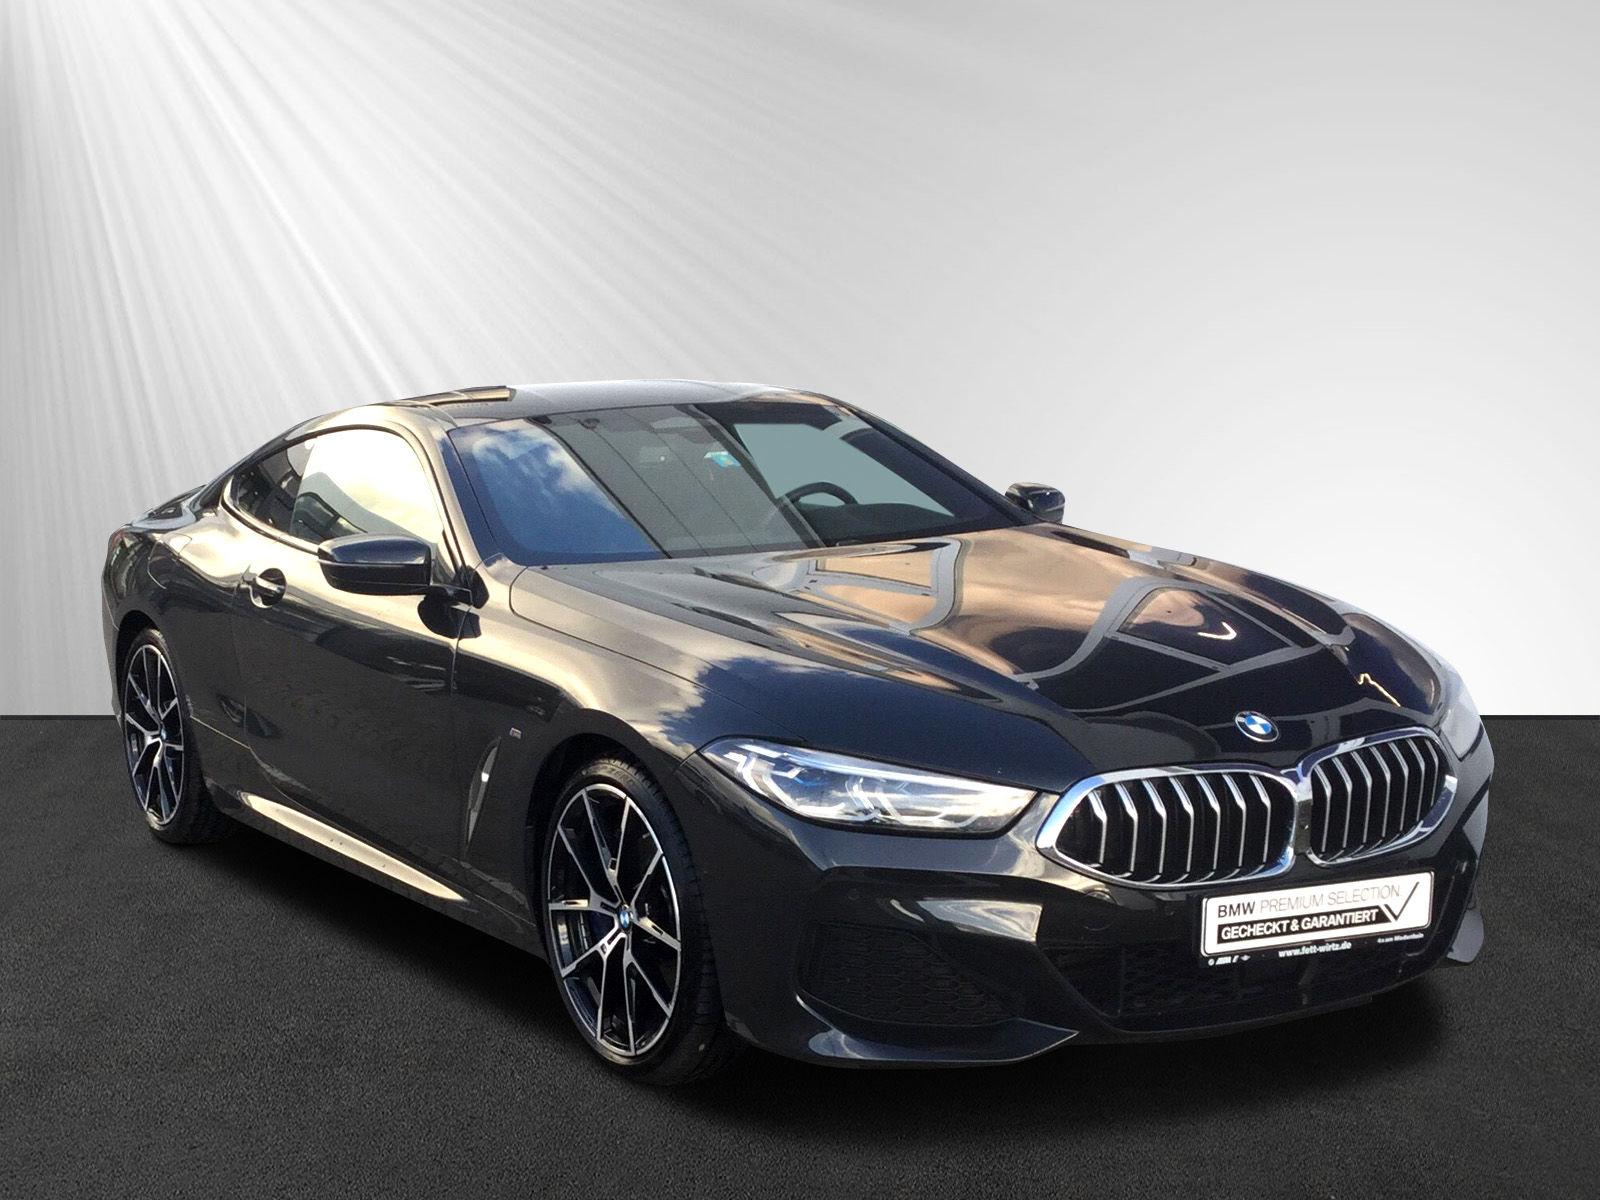 BMW 840d xDrive Coupe MSport Leas. ab 955,- br.o.Anz, Jahr 2019, diesel